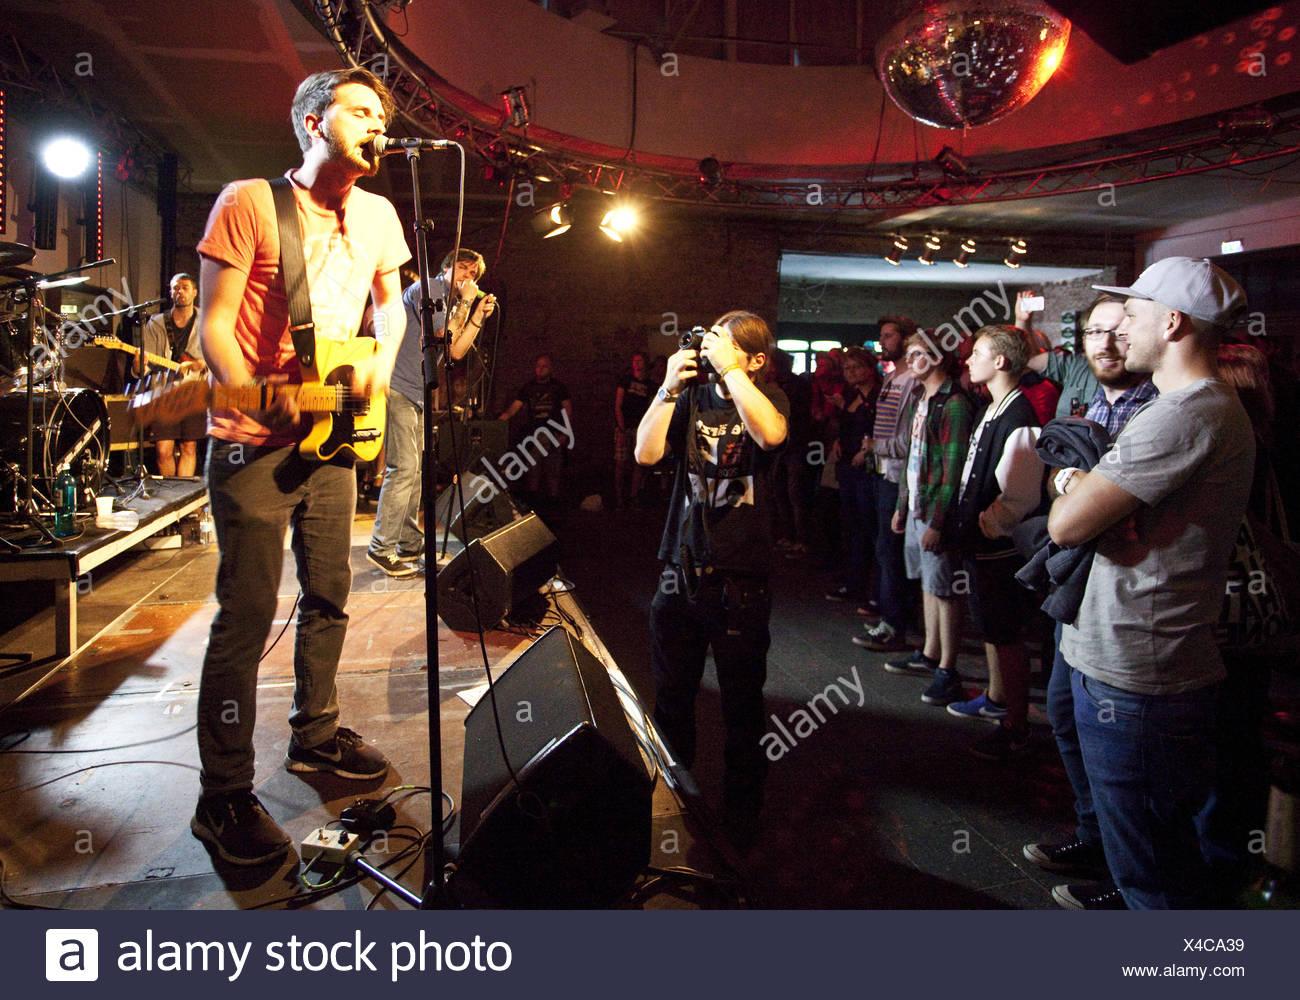 Concert in the Rotunda in Bochum, Germany. - Stock Image